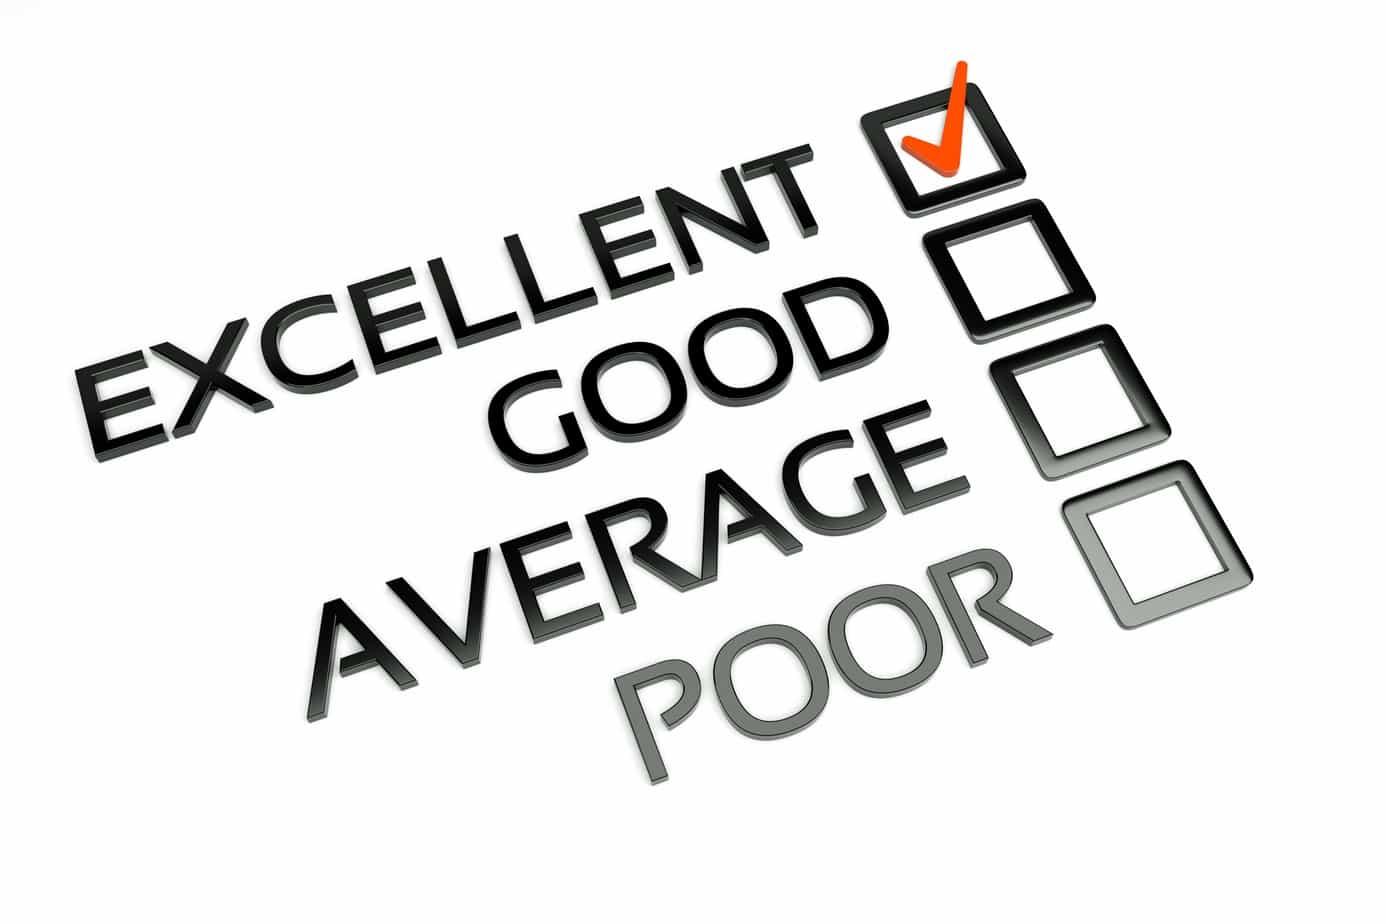 Kwaliteitscores voor je klantgerictheid